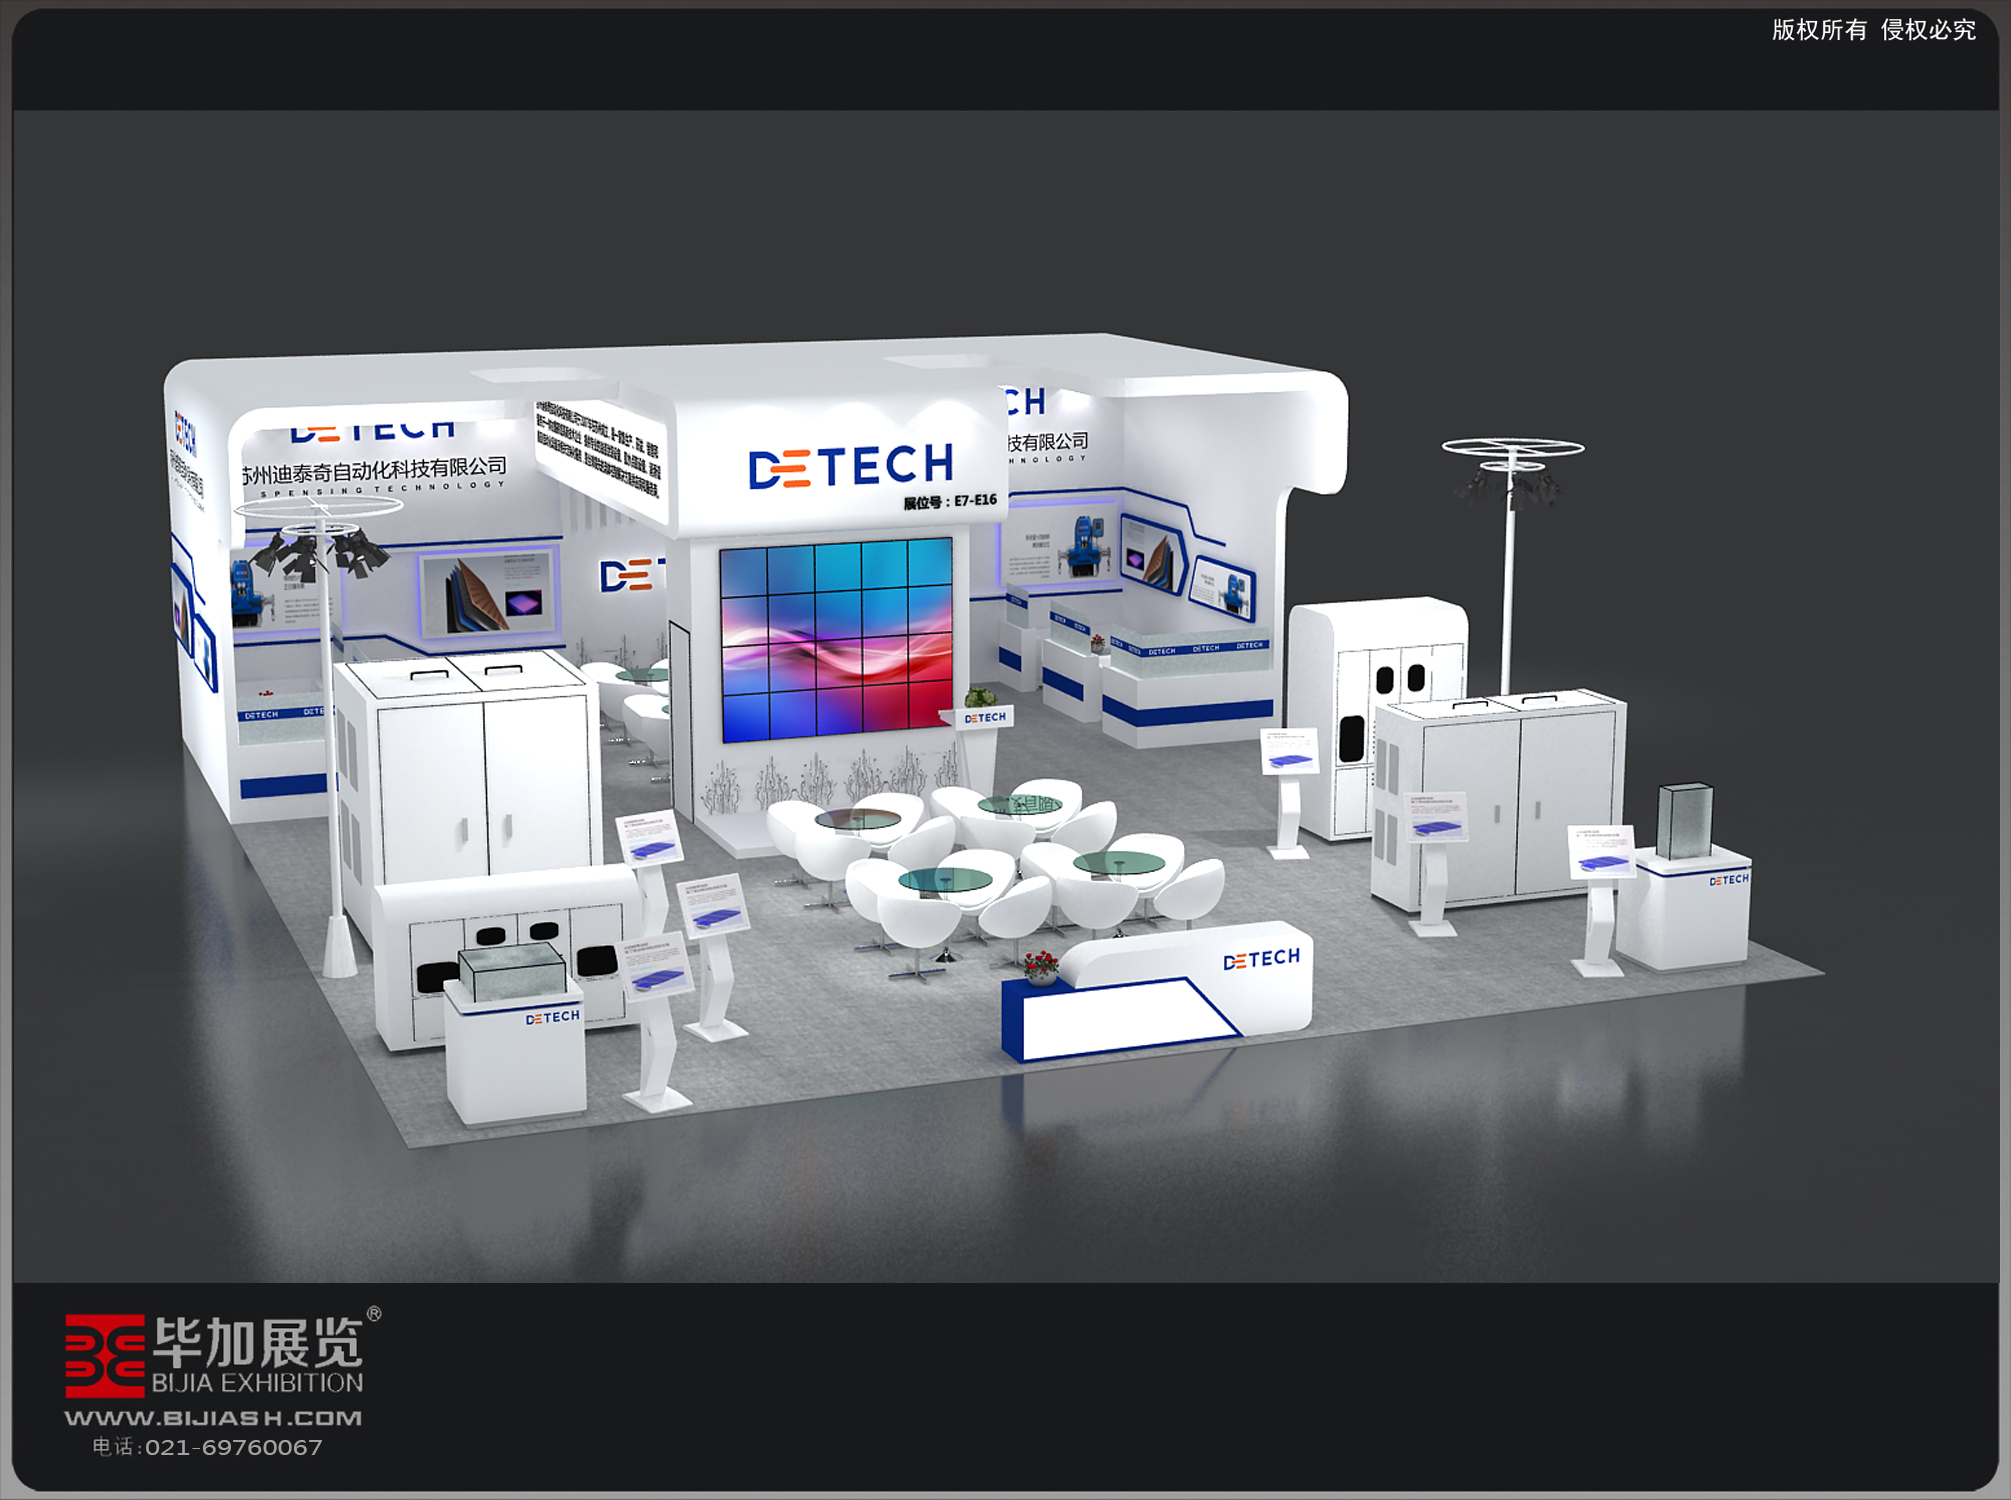 迪泰奇汽備展展臺設計搭建